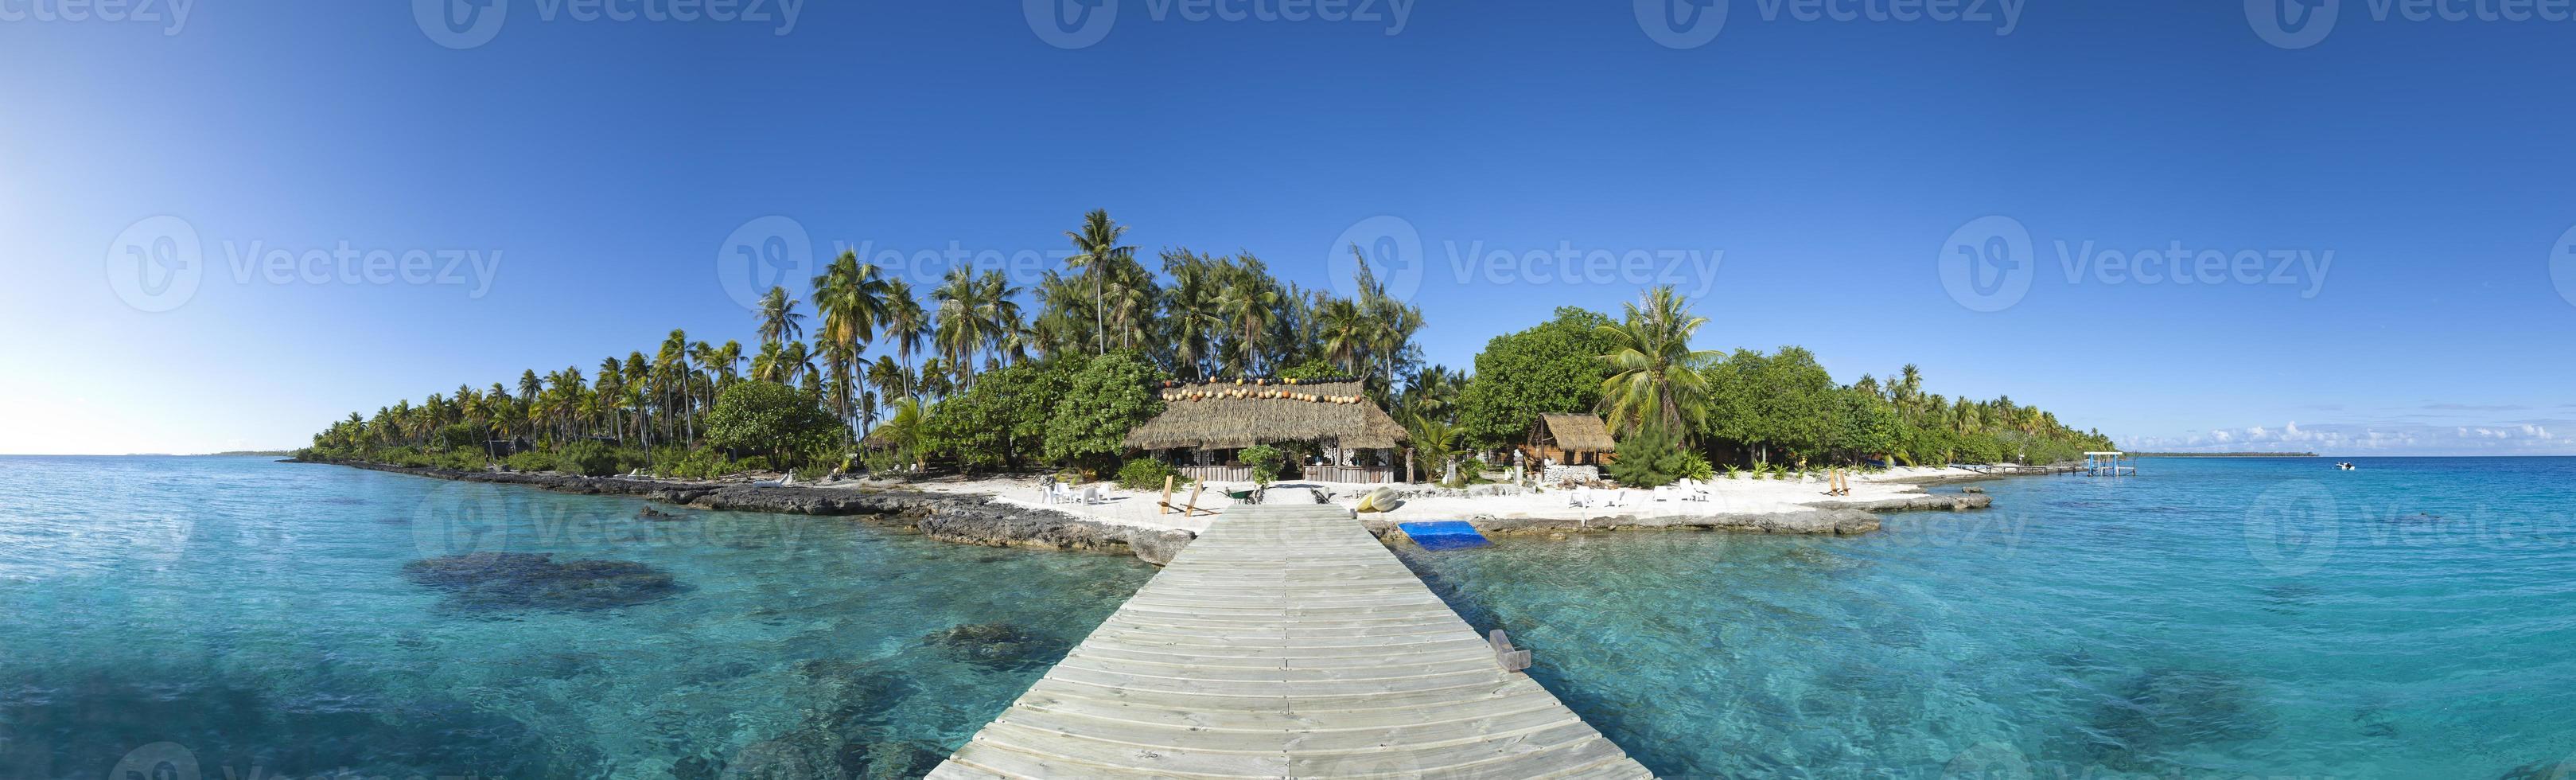 vista panoramica dell'isola di paradiso foto